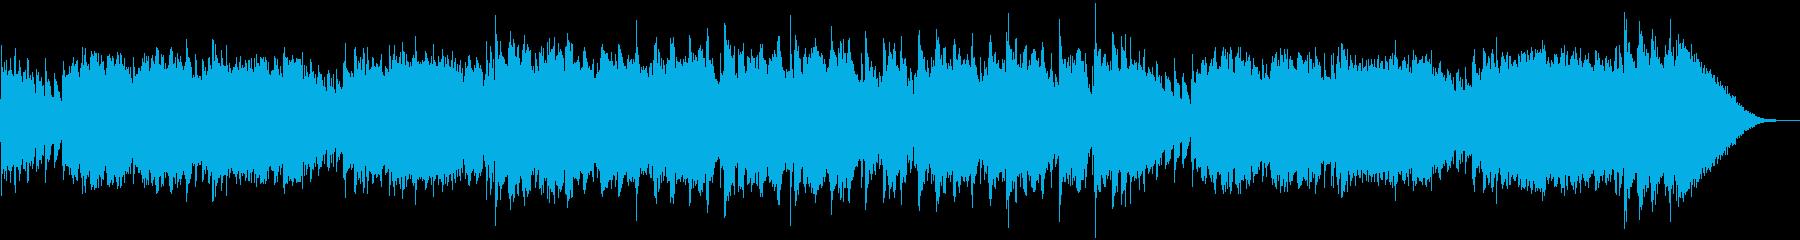 エンディング・おしゃれでかわいいR&Bの再生済みの波形